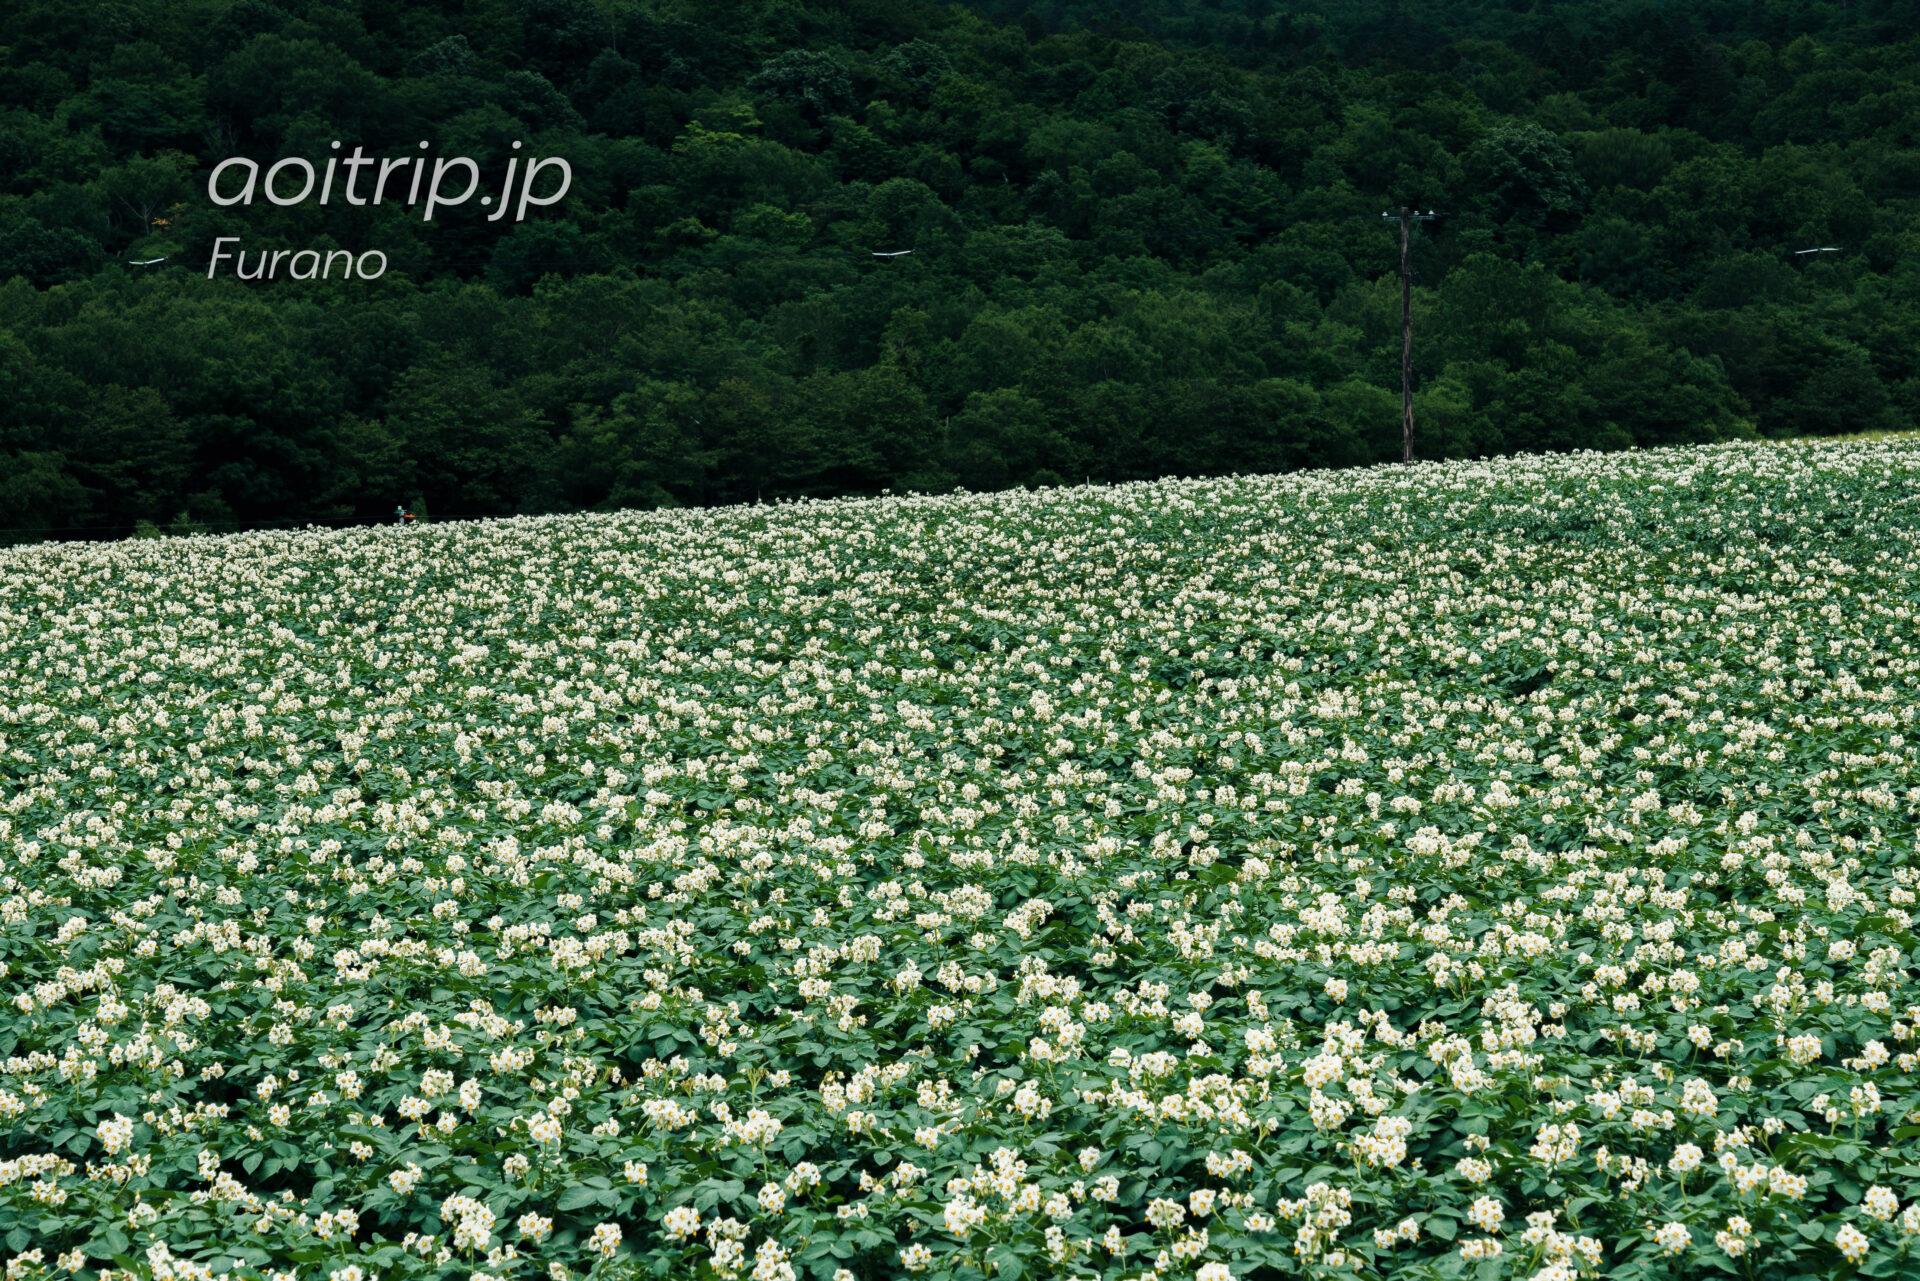 五郎の石の家の近くのジャガイモ畑 じゃがいもの花